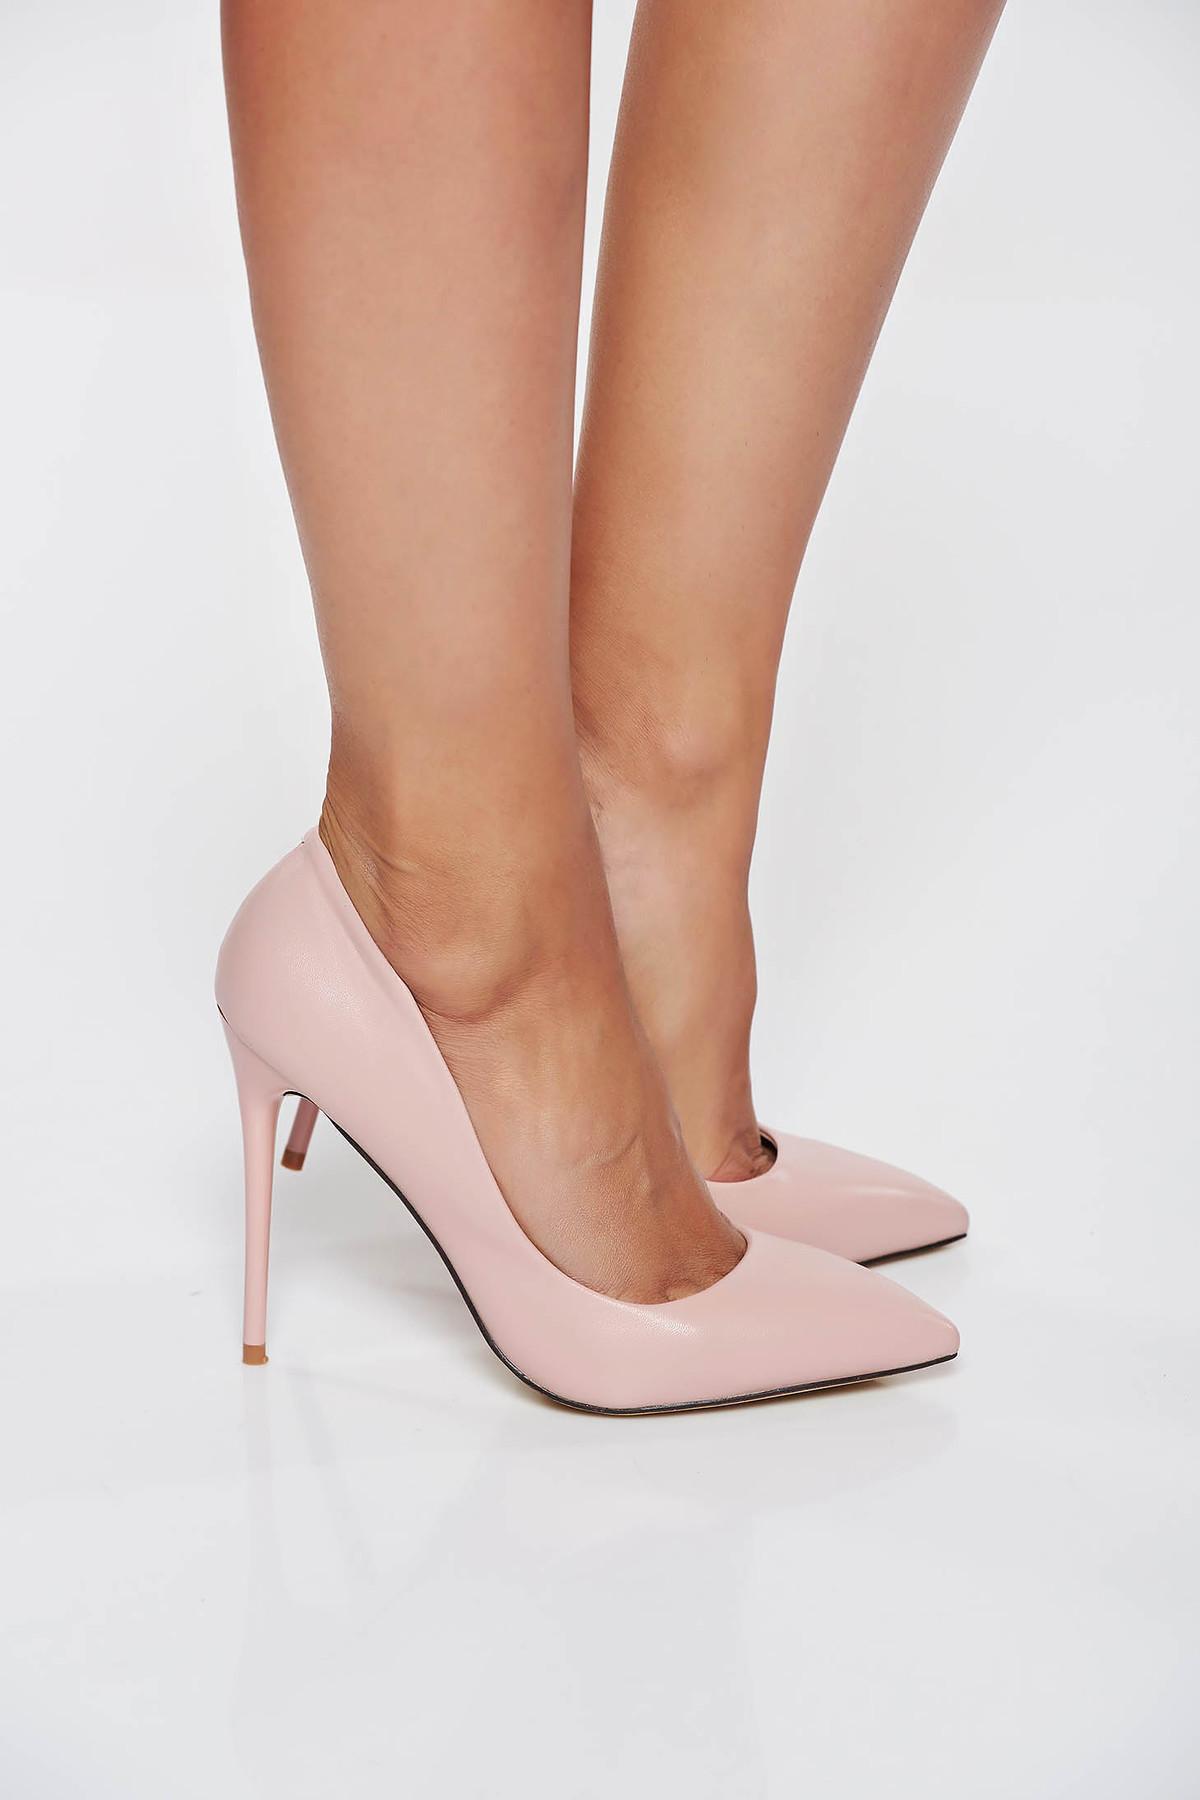 Pantofi rosa stiletto office din piele ecologica cu toc inalt cu varful usor ascutit